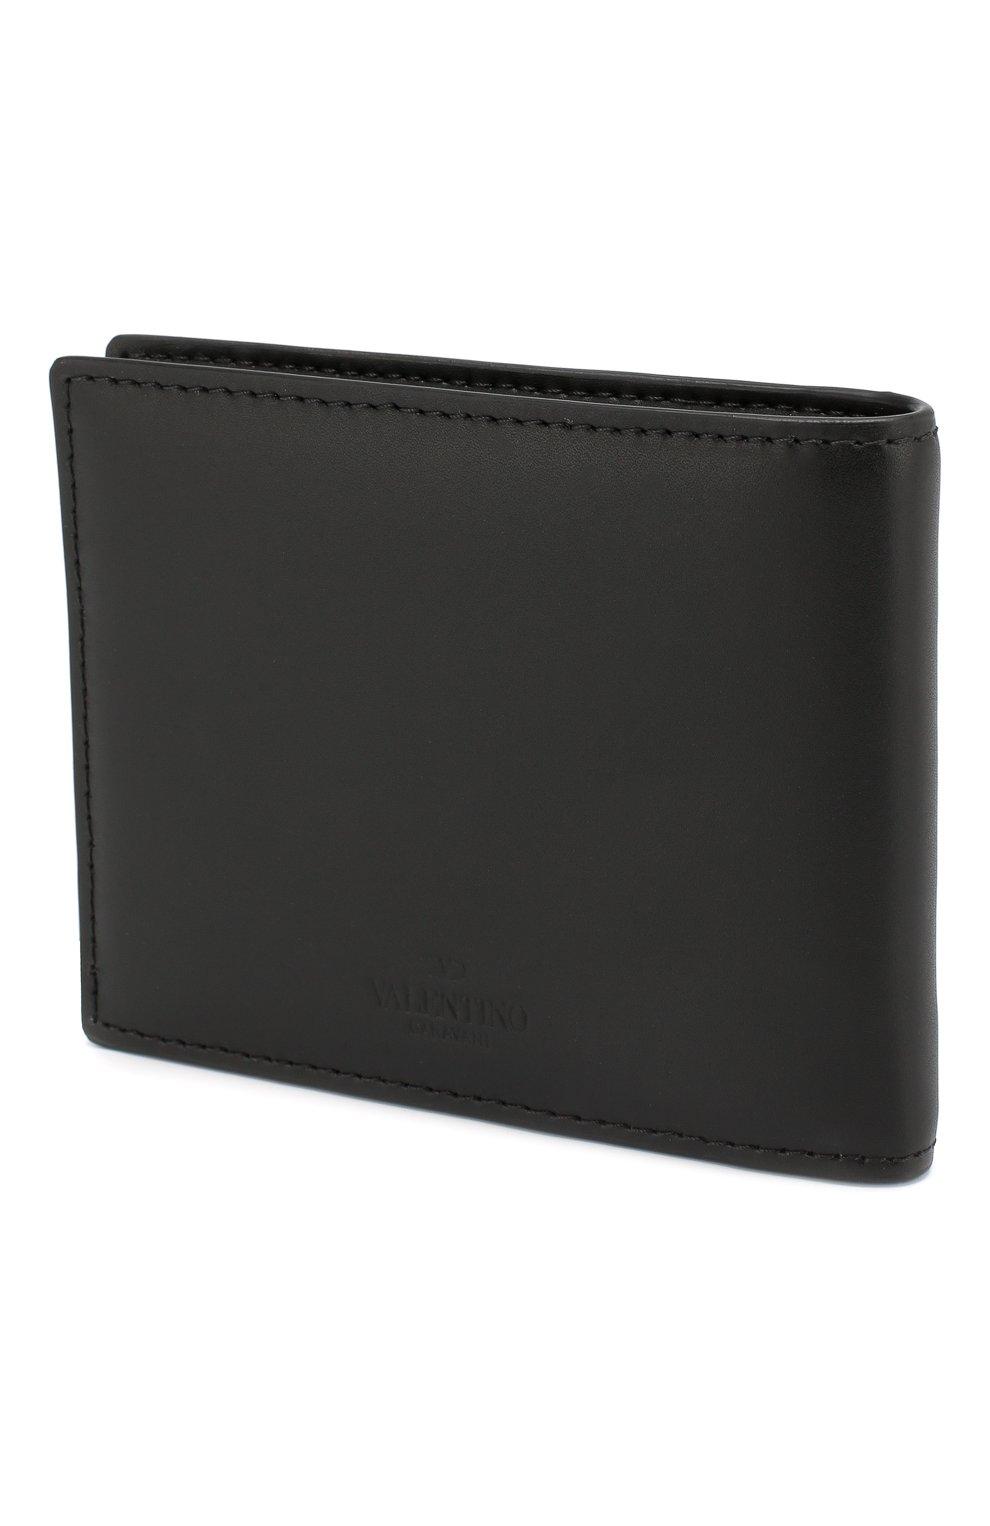 Мужские кошельки и портмоне Valentino по цене от 17 300 руб. купить в  интернет-магазине ЦУМ 71c8cf6757b